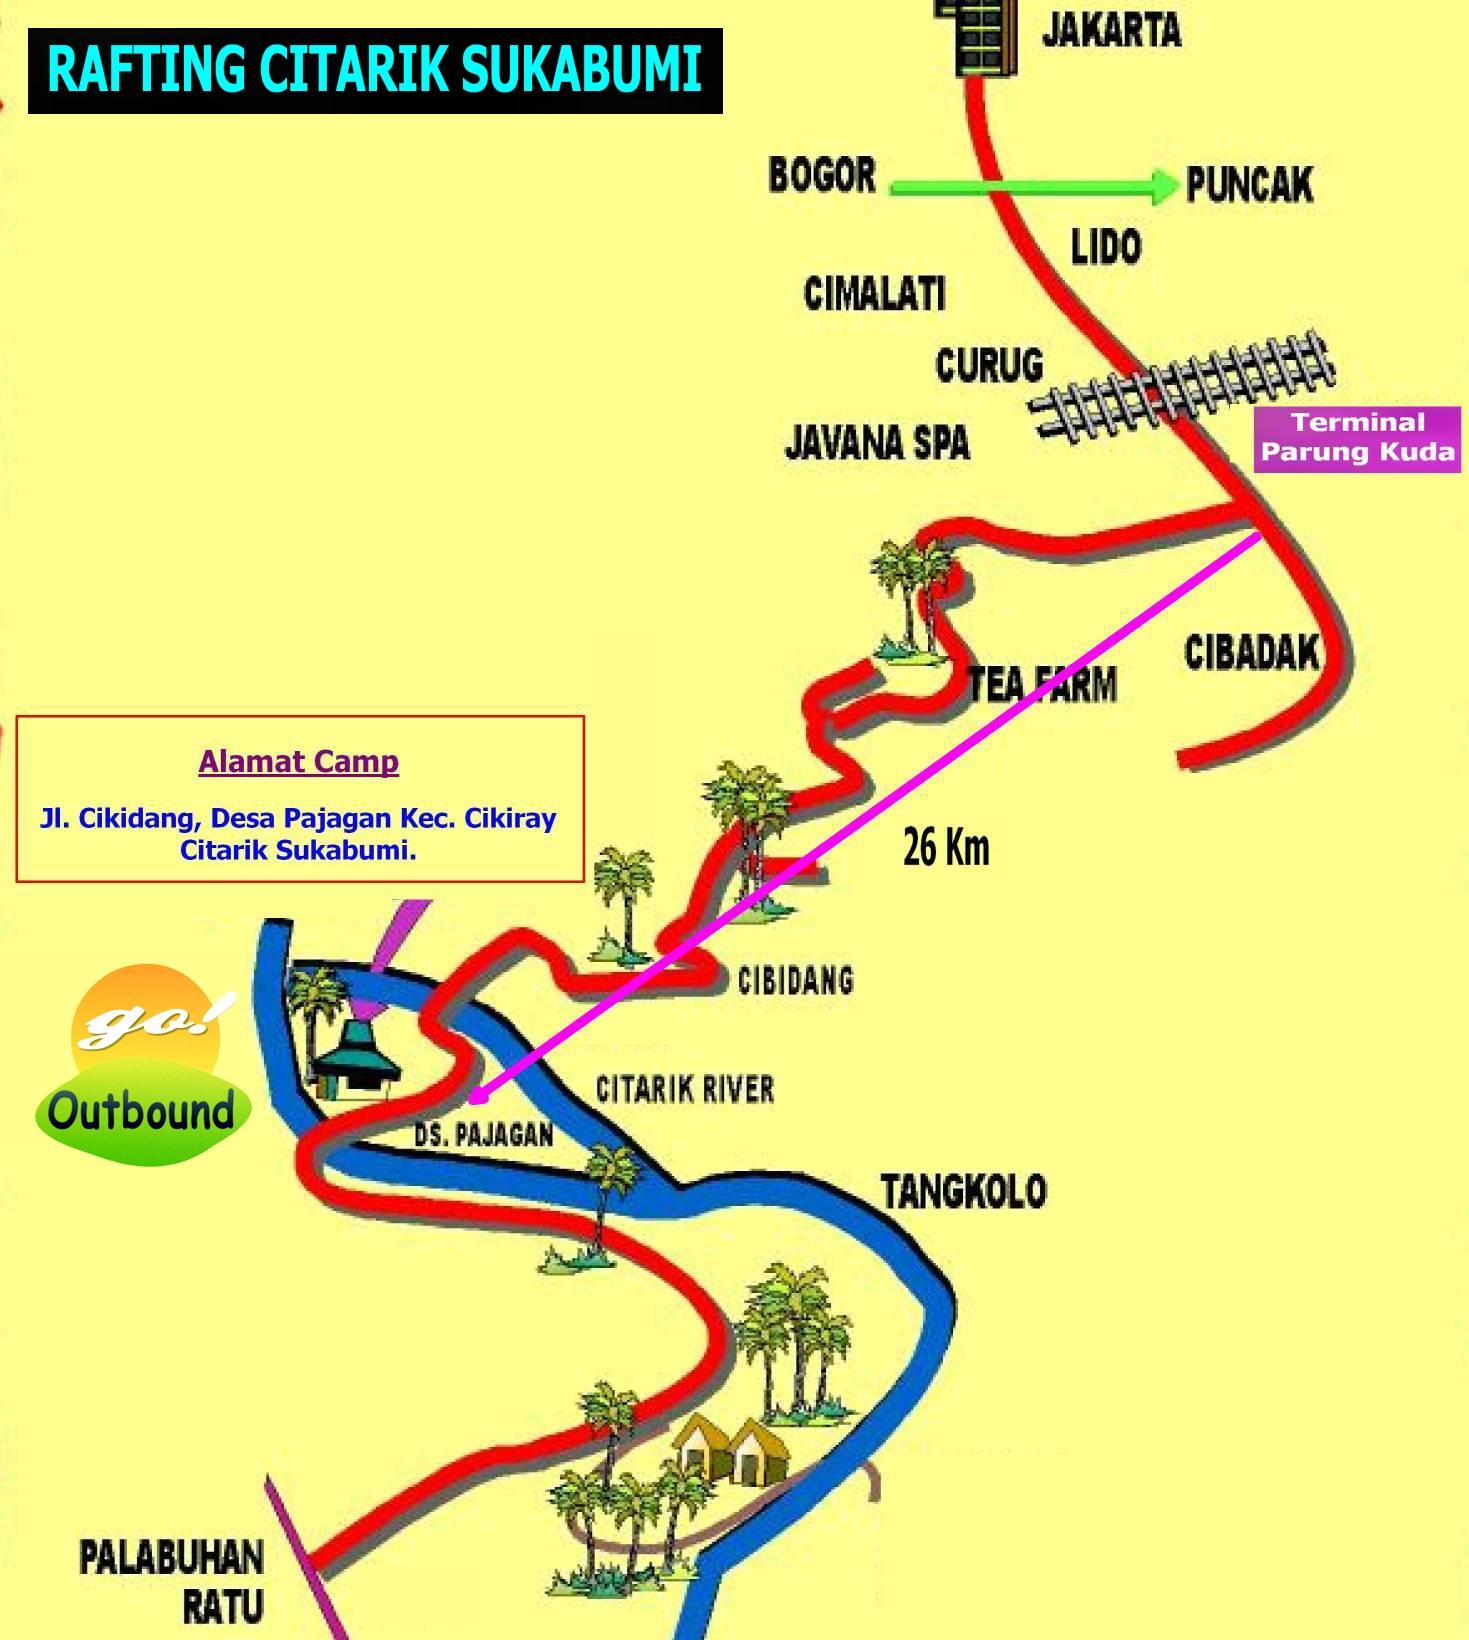 Peta Rafting Citarik Sukabumi